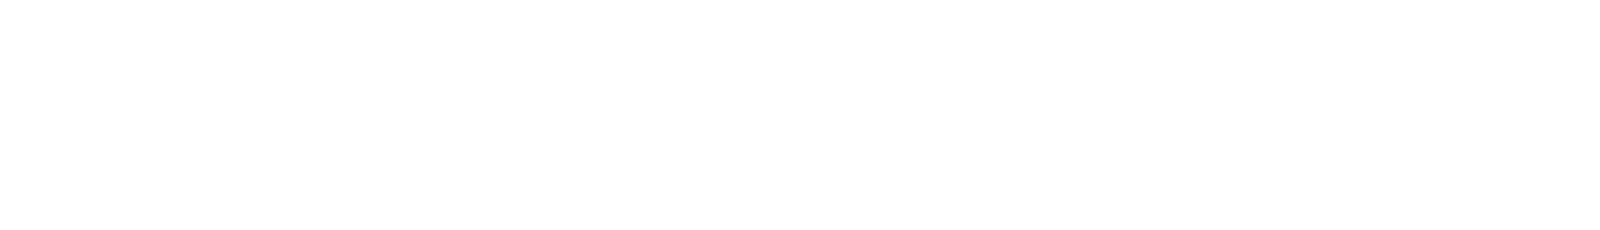 Integrative Quantum Medicine™